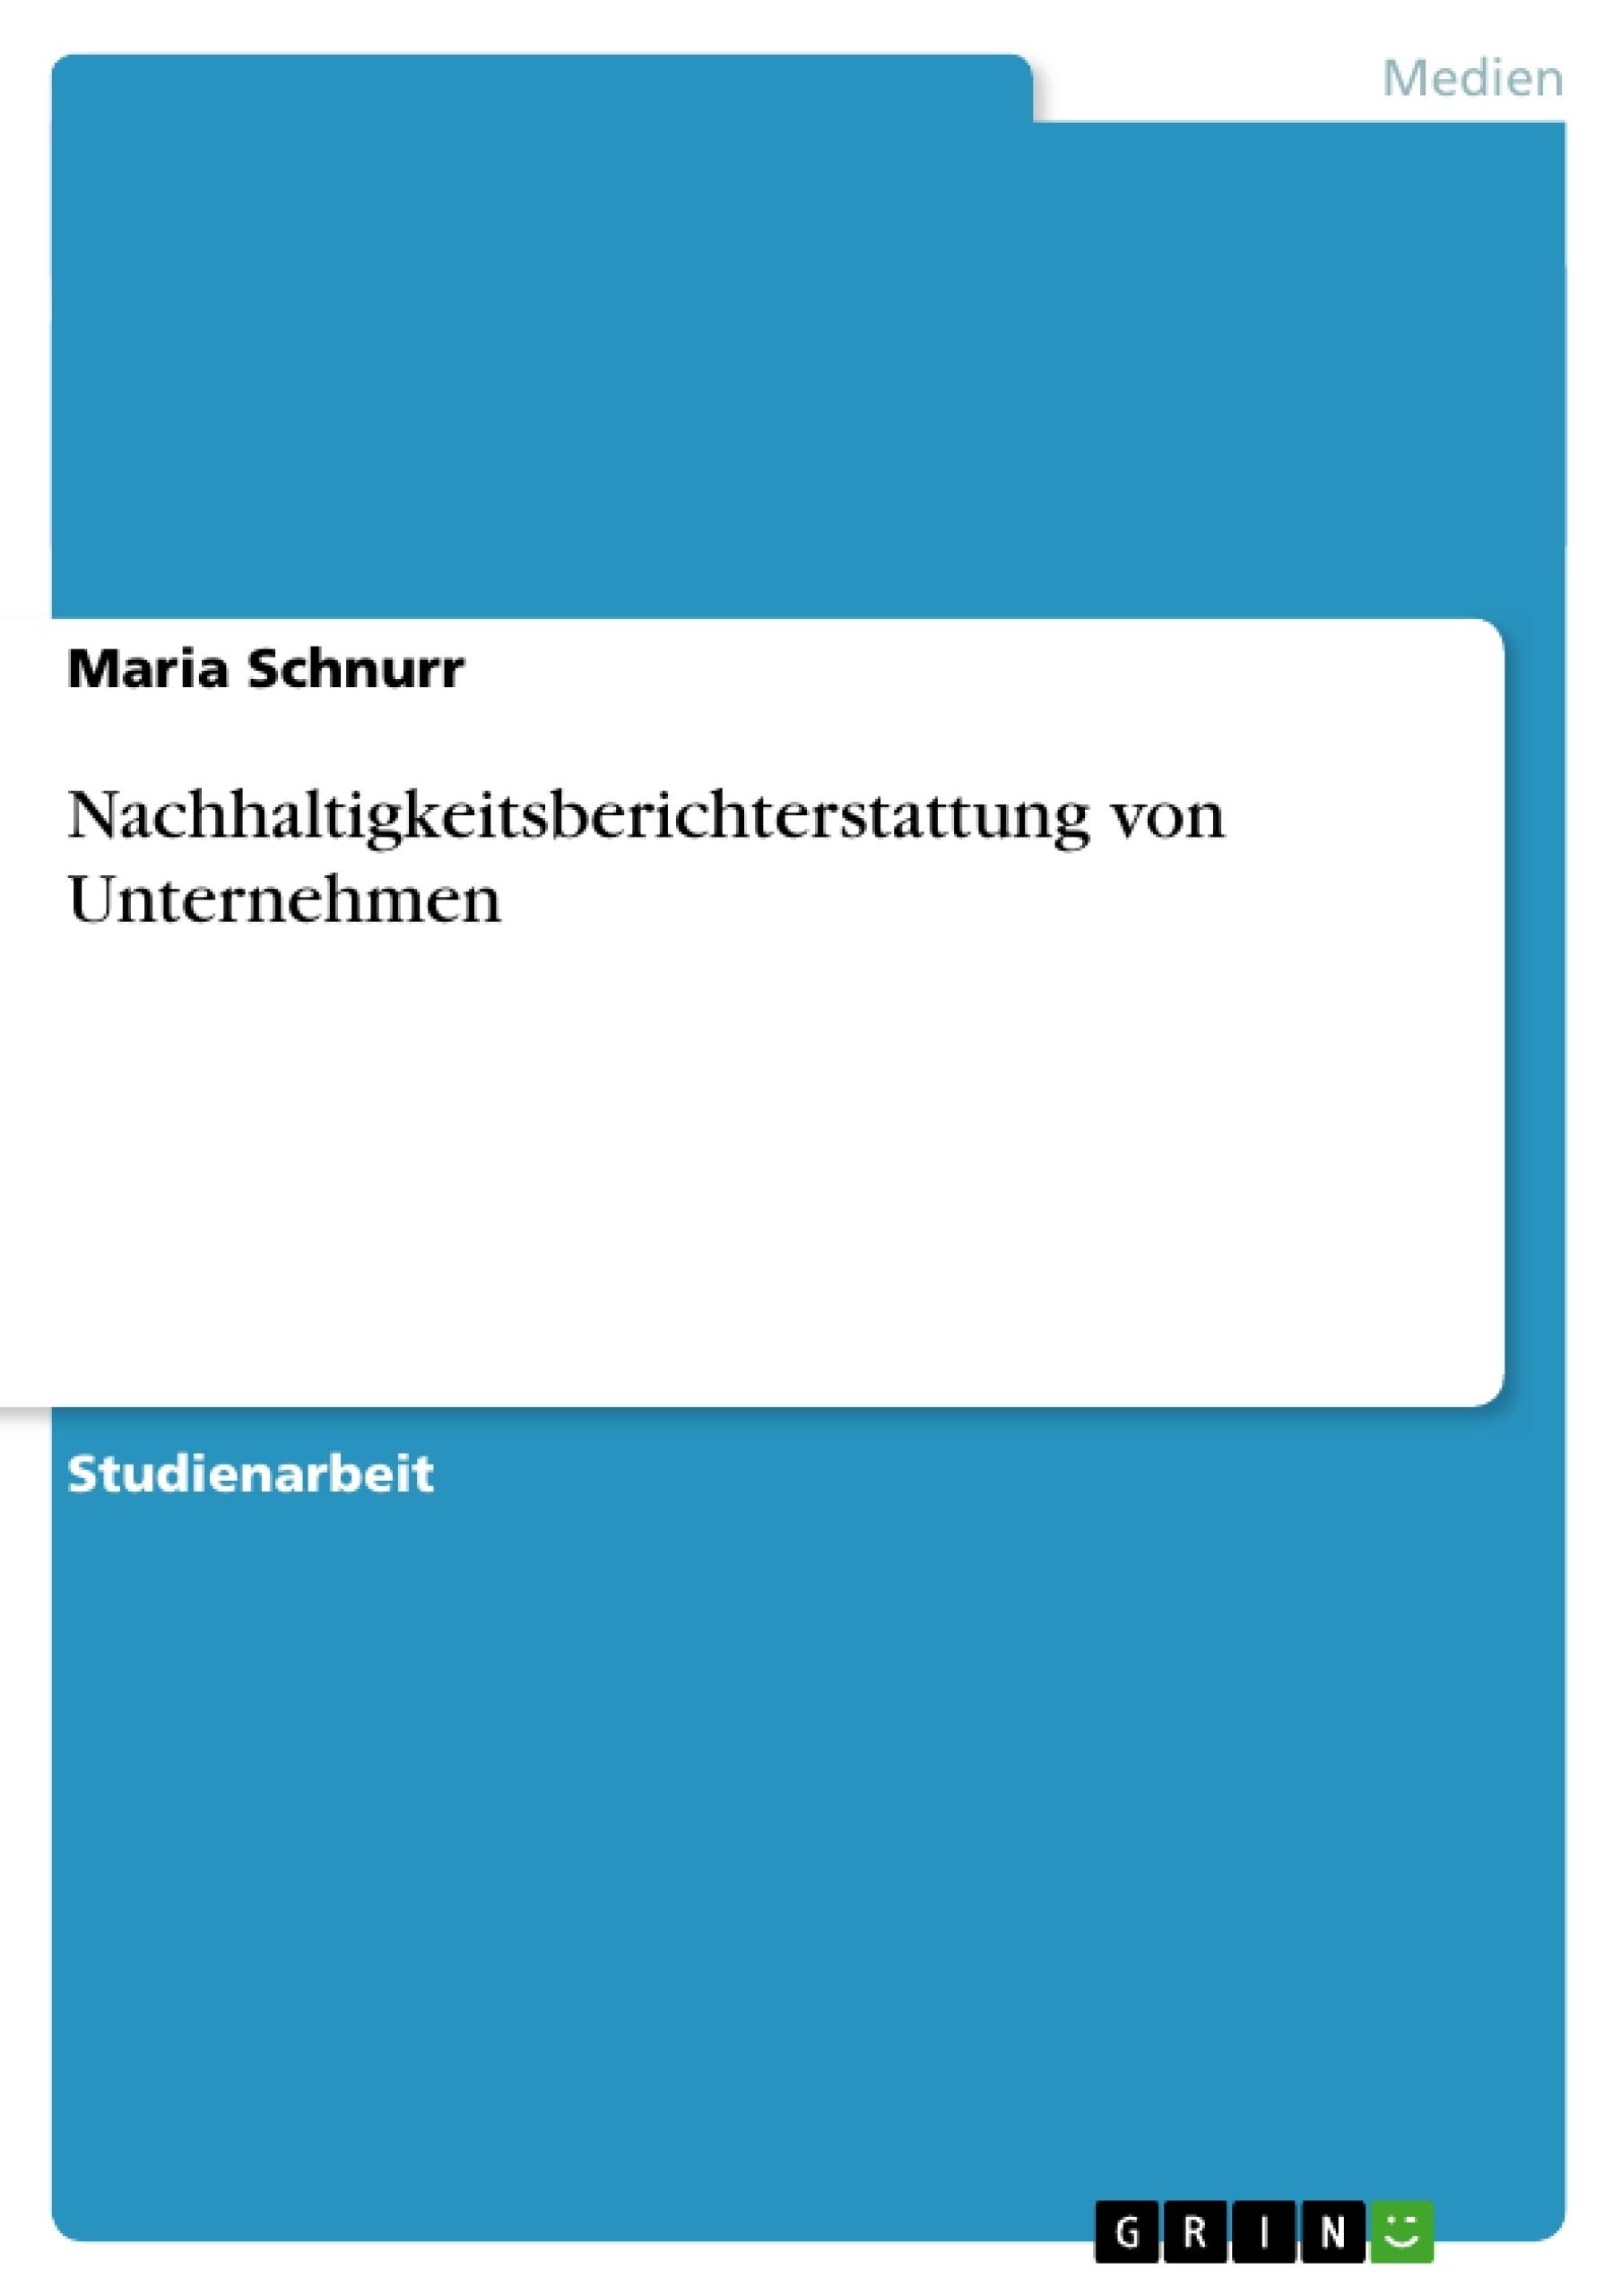 Titel: Nachhaltigkeitsberichterstattung von Unternehmen